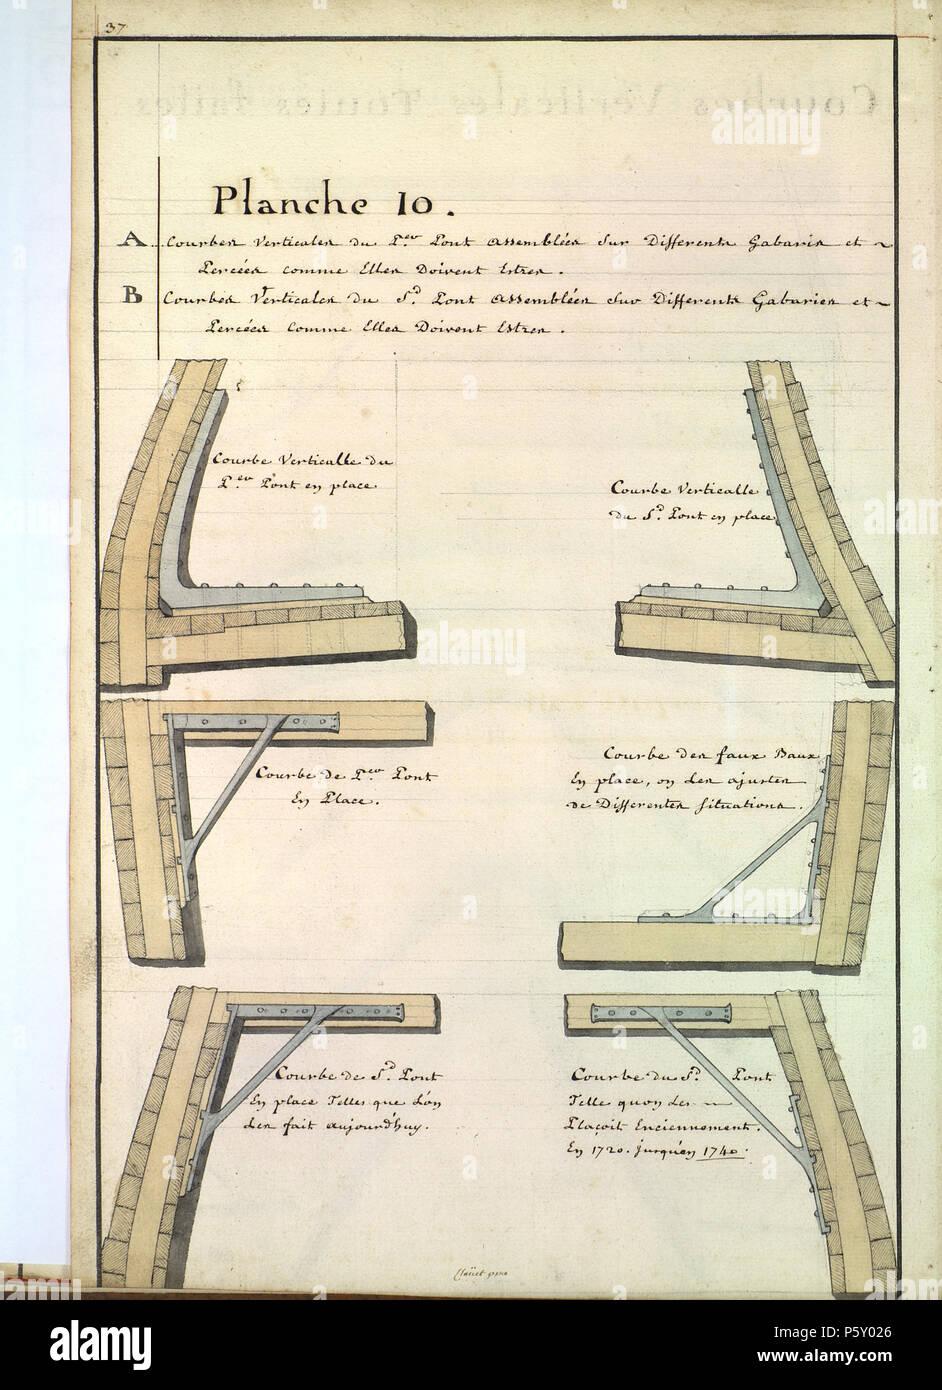 N/A. English: Courbes verticales de premier et deuxième ponts. Image extraite de Recueil de all types de machines, d'outils, et d'ustensiles en usages pour la construction et carenne des vaisseaux, et de tout ce qui a raport à leurs armements dans un arsenal de marine. P[emie]re partie par Deslongchamps l'ainé, lieurenant des vaisseaux du Roy et du port de Brest en 1763. Plans des hunes, des barres d'hunes, chuquets, barres de peroquet et autres pièces concernant la construction de la maturité des annales de 1767. Manuscrit numérisé de la bibliothèque municipale de Brest, France. Entre 1763 Photo Stock